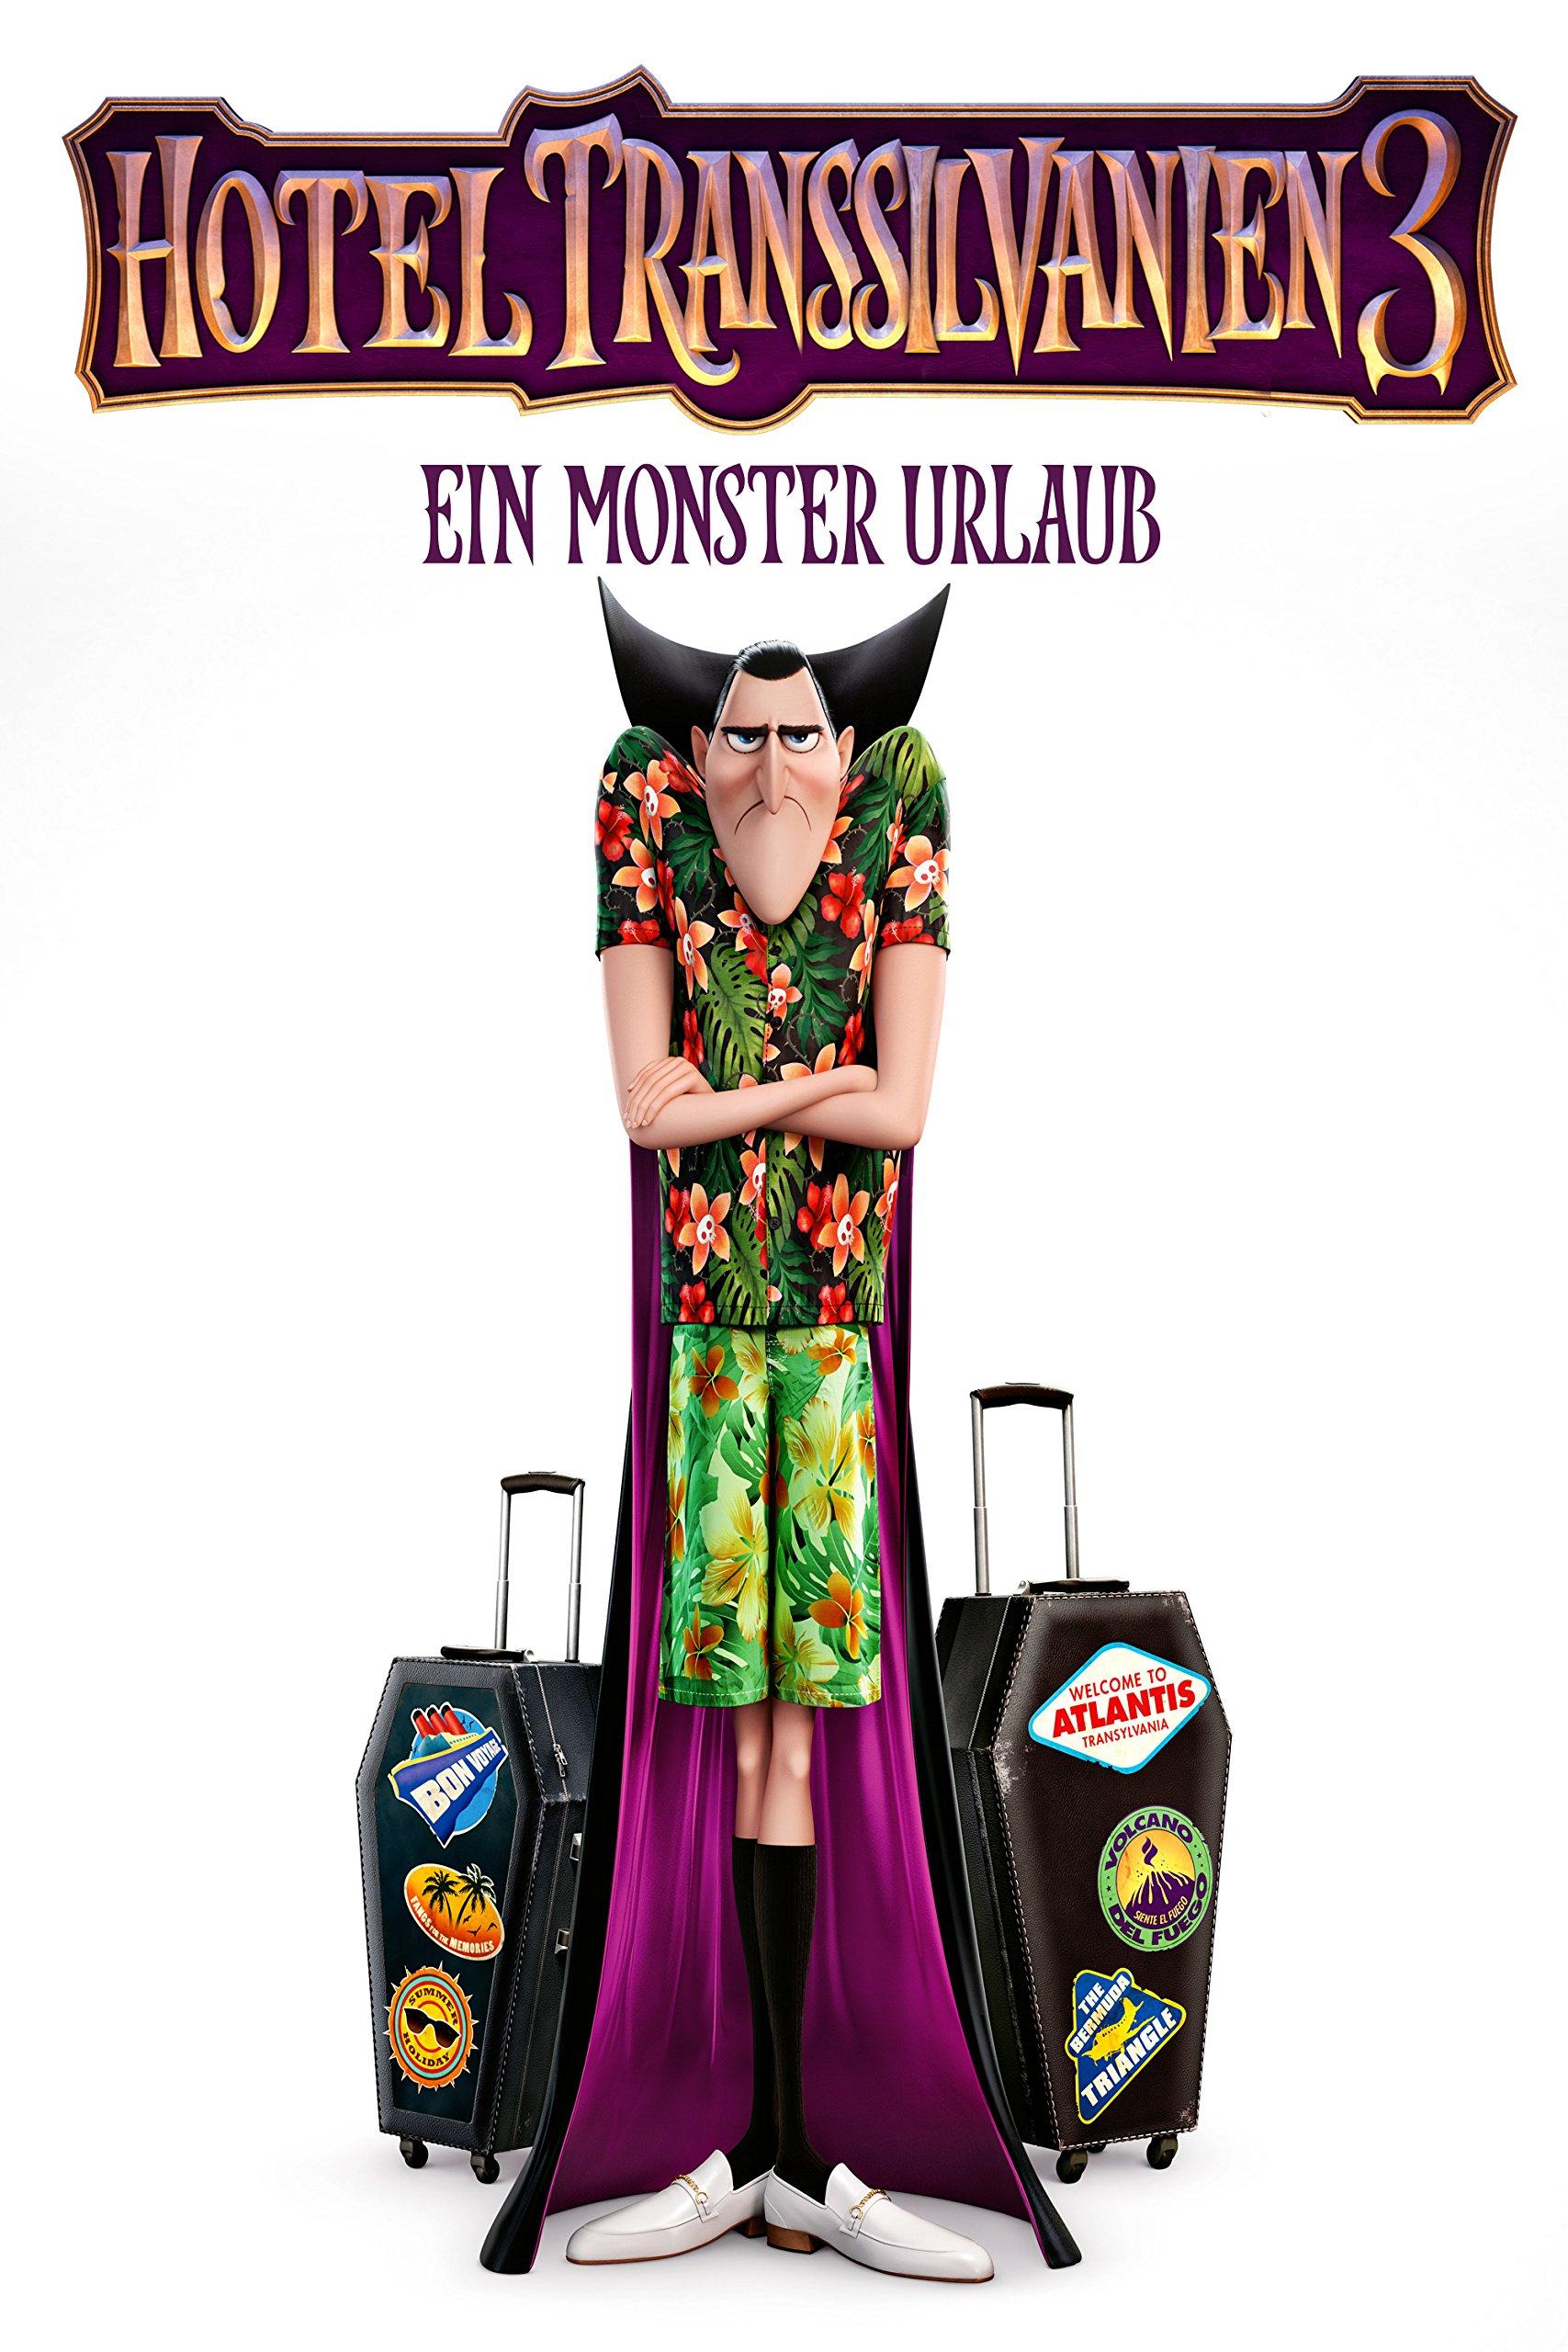 Hotel Transsilvanien 3 - Ein Monster Urlaub online schauen und ...